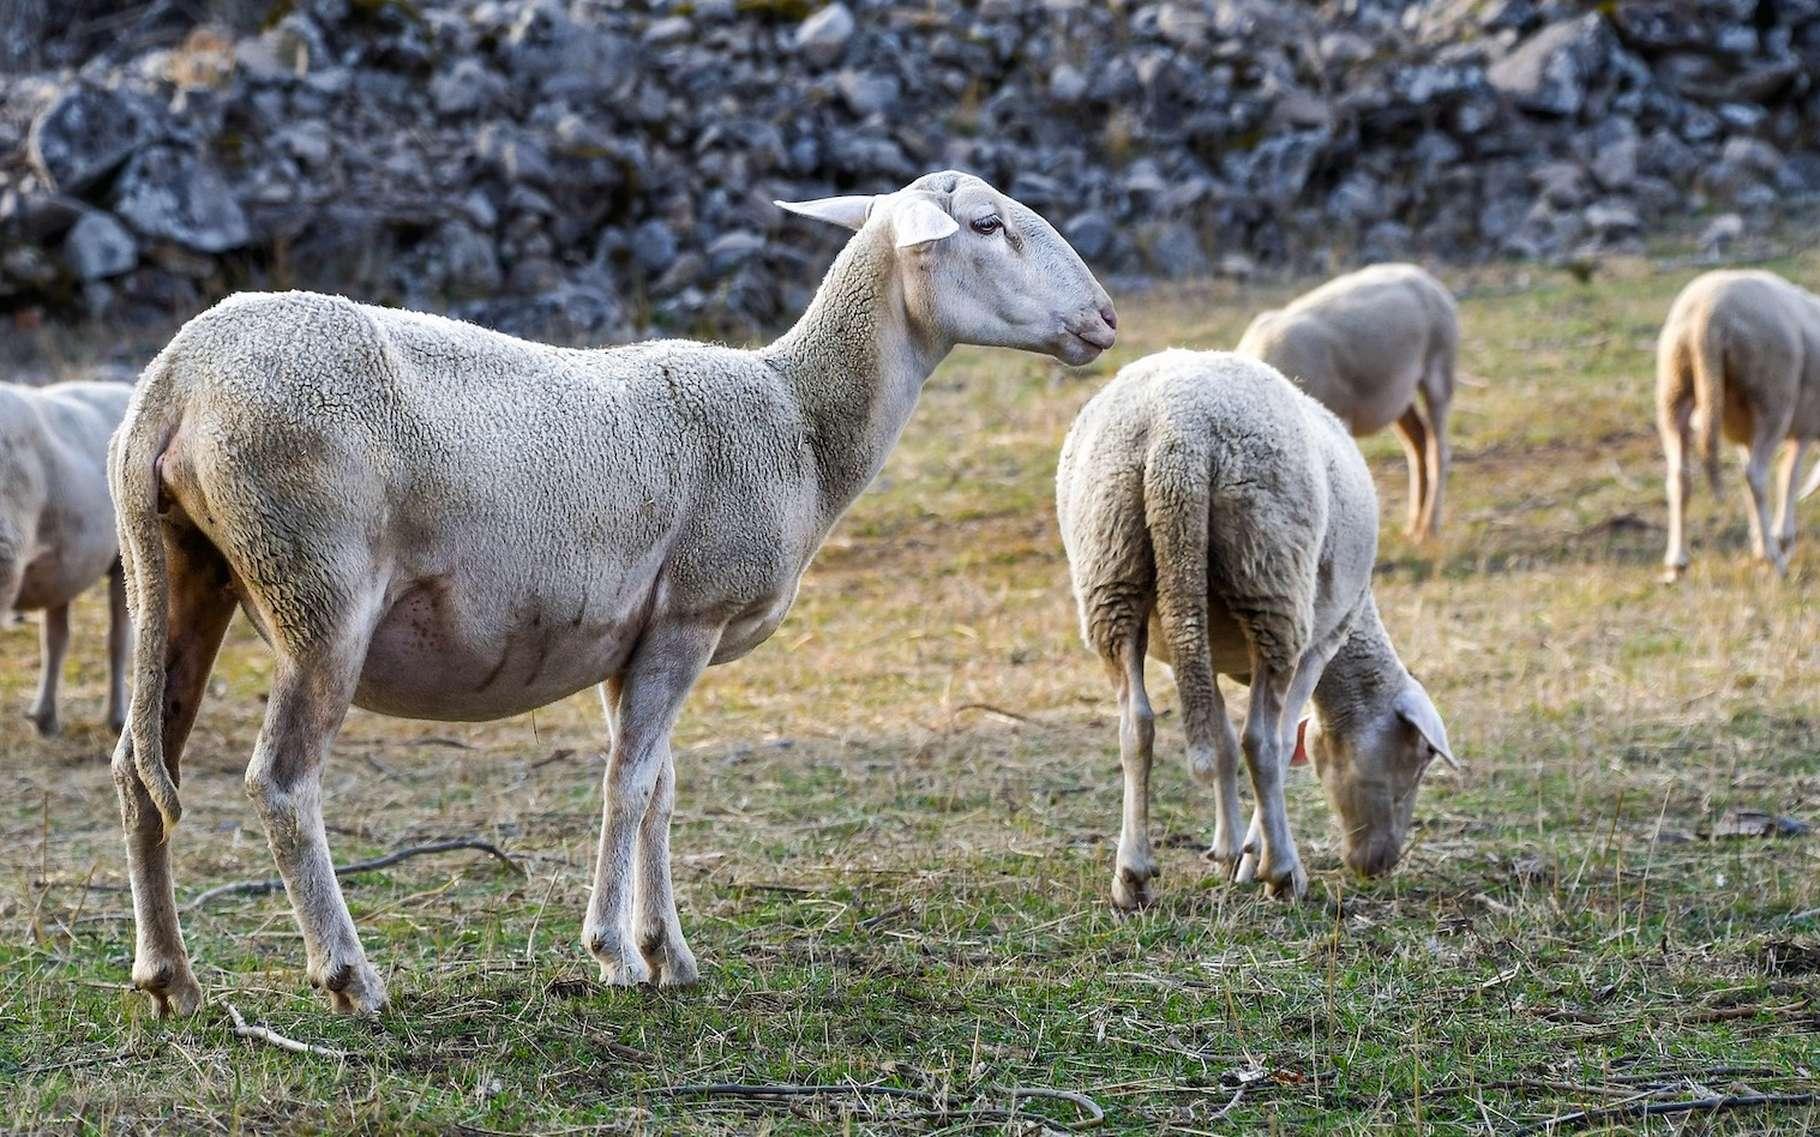 C'est en examinant sa queue que l'on peut distinguer, sans risque d'erreur, une brebis d'une chèvre. Queue tombante pour une brebis et relevée pour une chèvre. © christels, Pixabay License